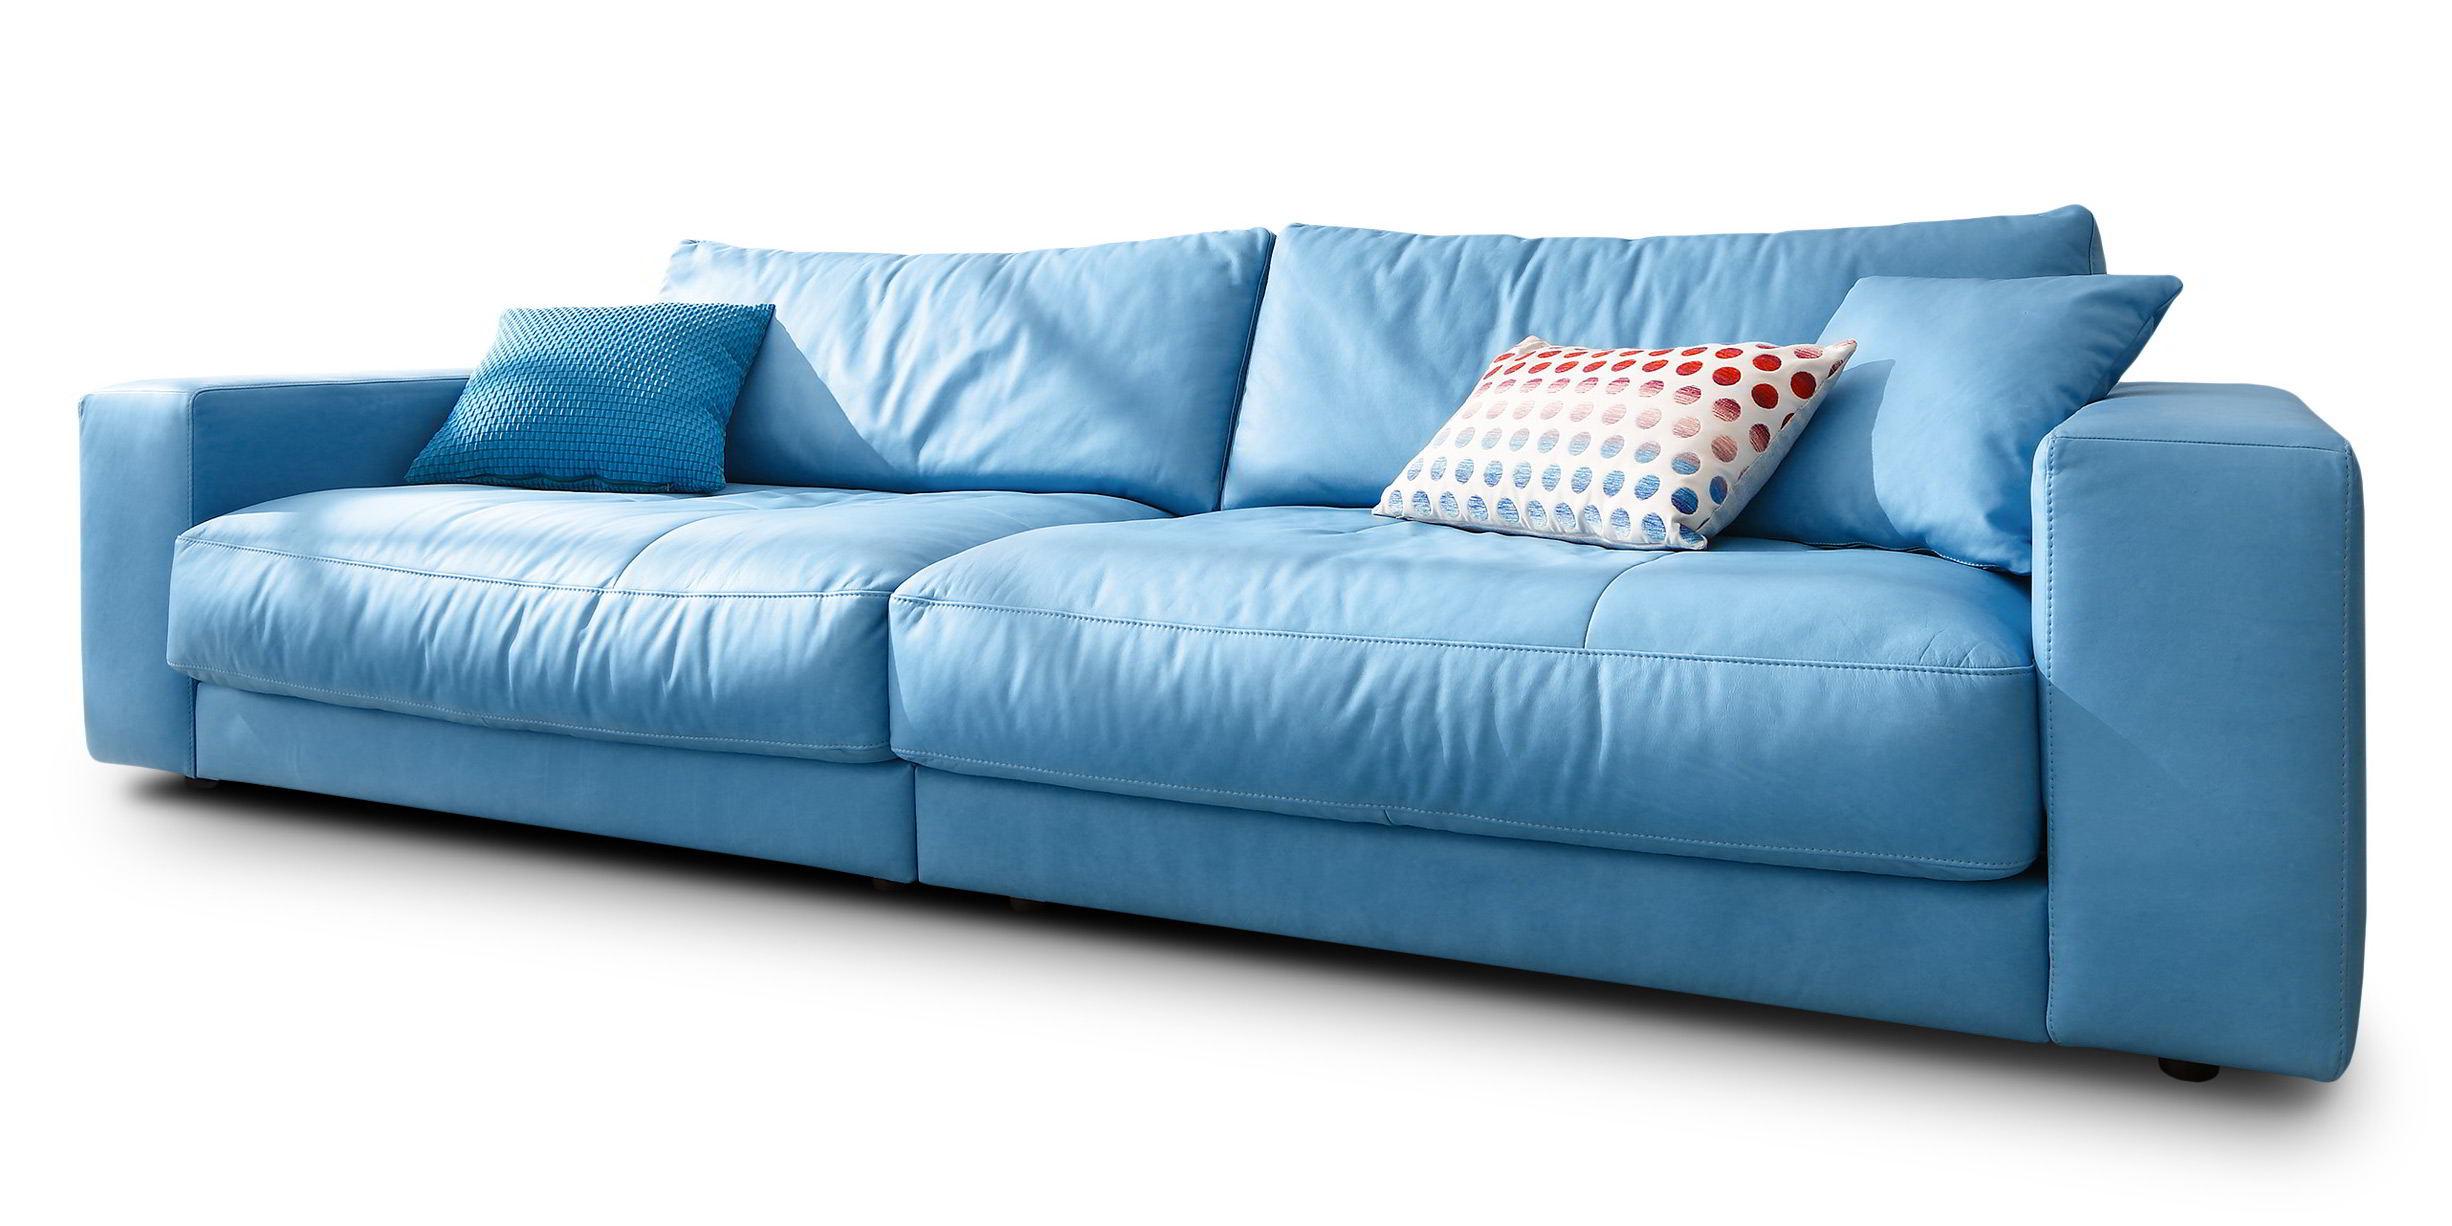 Full Size of Big Sofa Kingston Leder Couch Megasofa Wohnzimmer Mbel Candy Grau Hersteller Türkische Xxl Wk Modernes Rund Barock Chesterfield Gebraucht Auf Raten Echtleder Sofa Big Sofa Leder